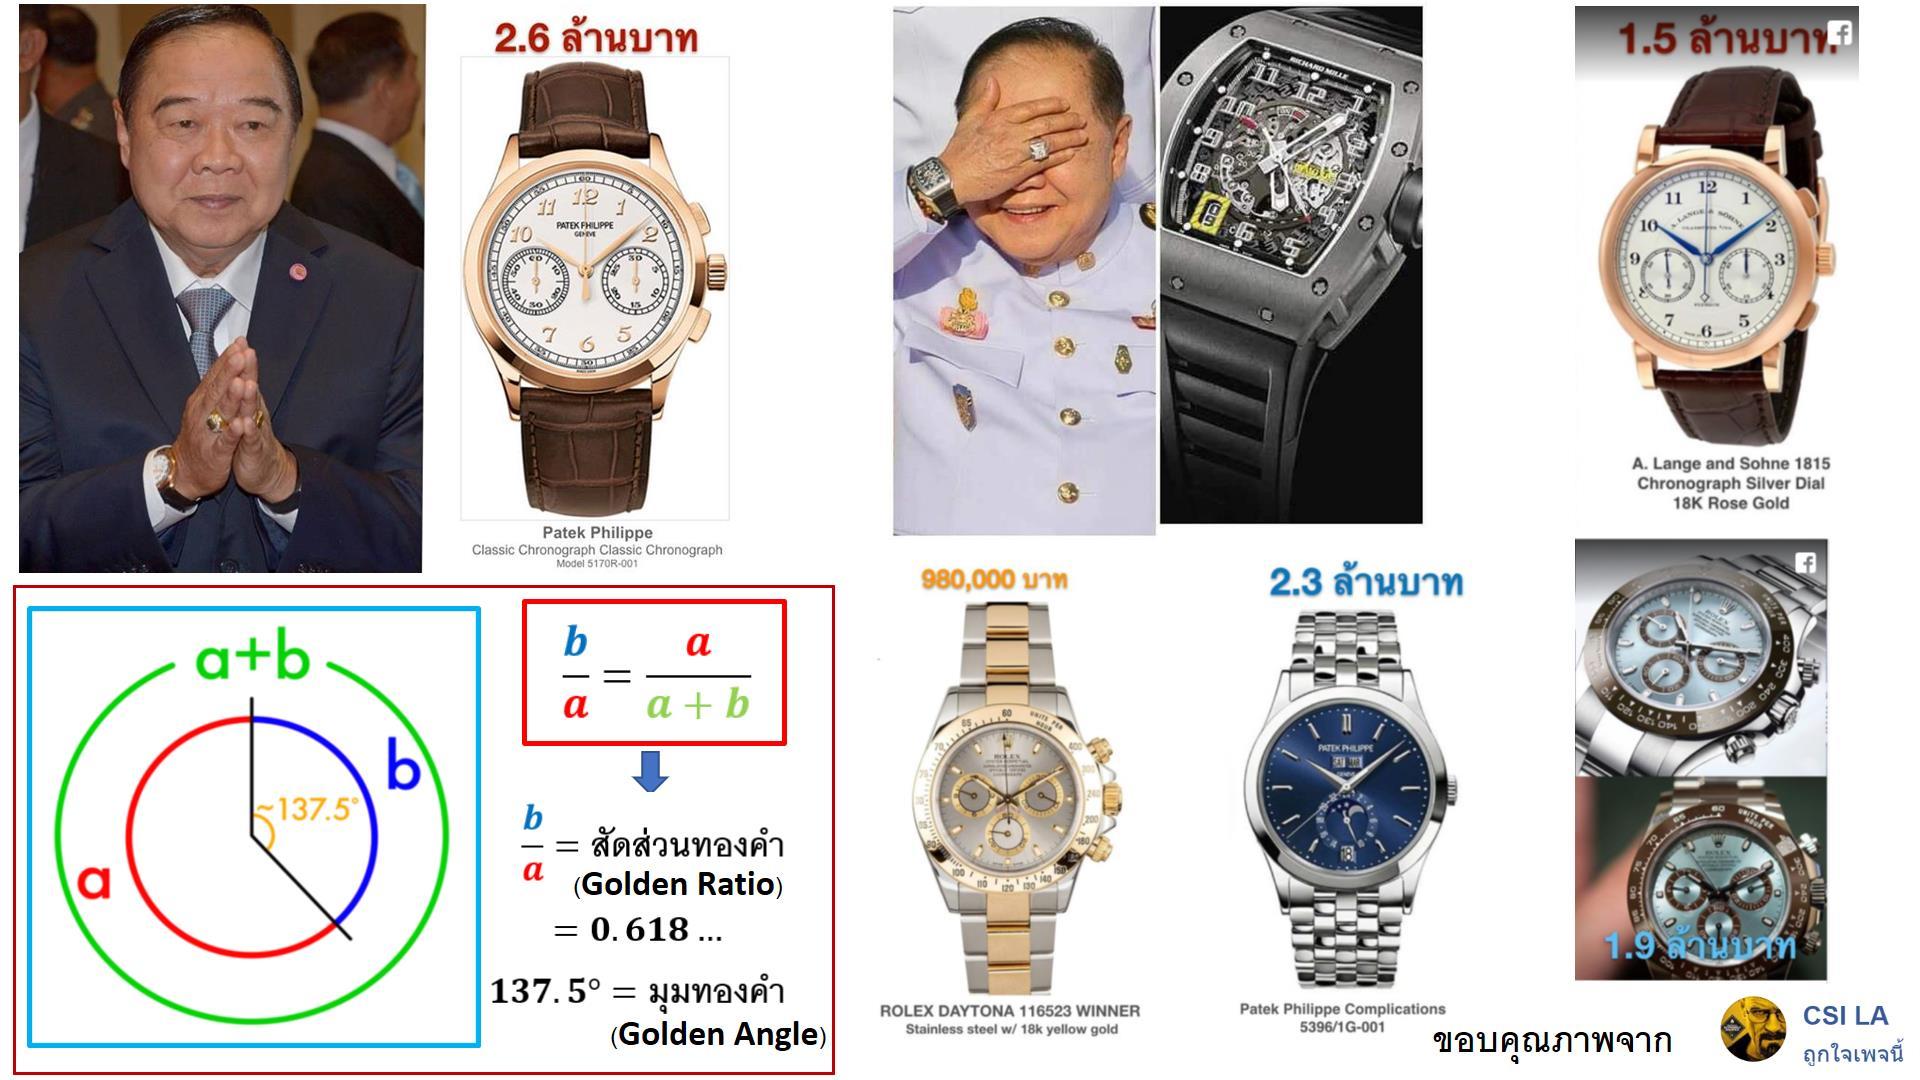 """จากกรณี """"นาฬิกาพลเอกประวิตร"""" ถึงจำนวนสำคัญในคณิตศาสตร์"""